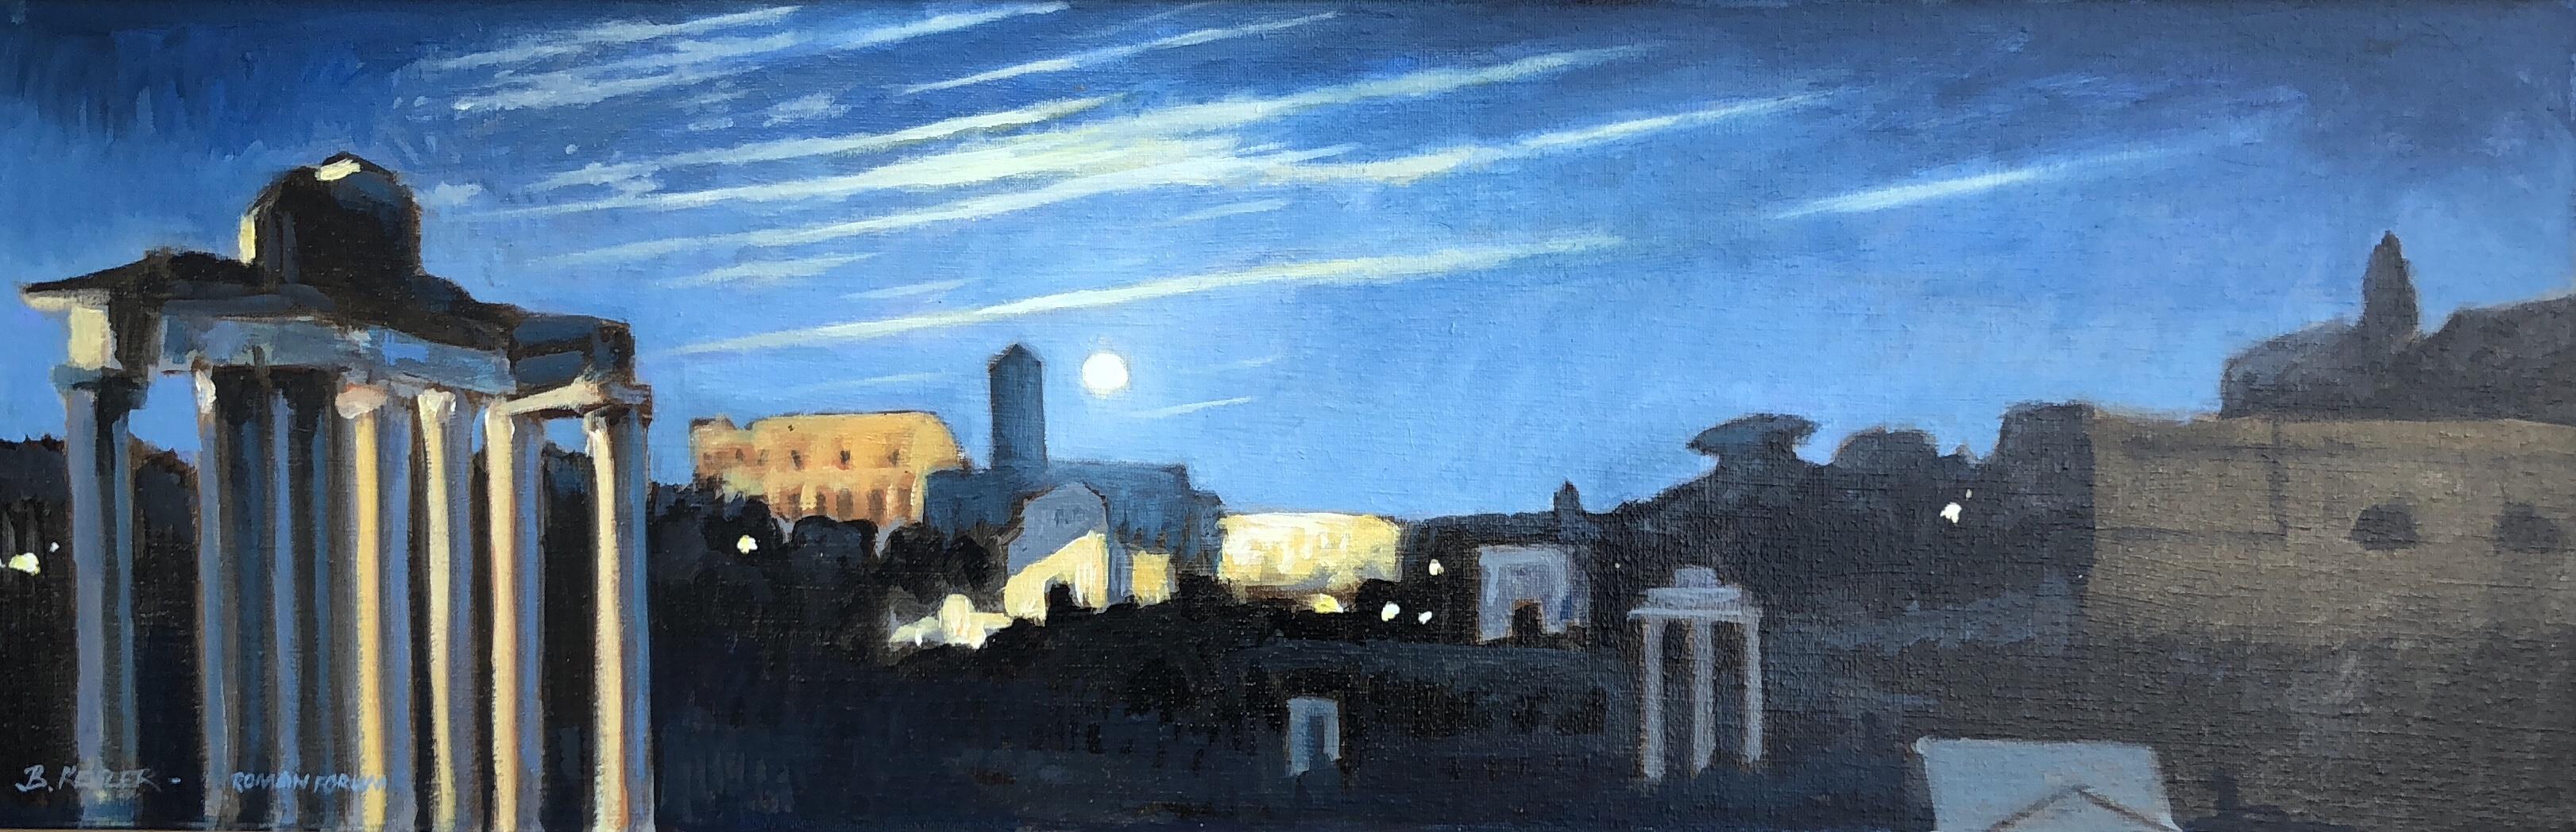 Roman Coliseum Nocturne